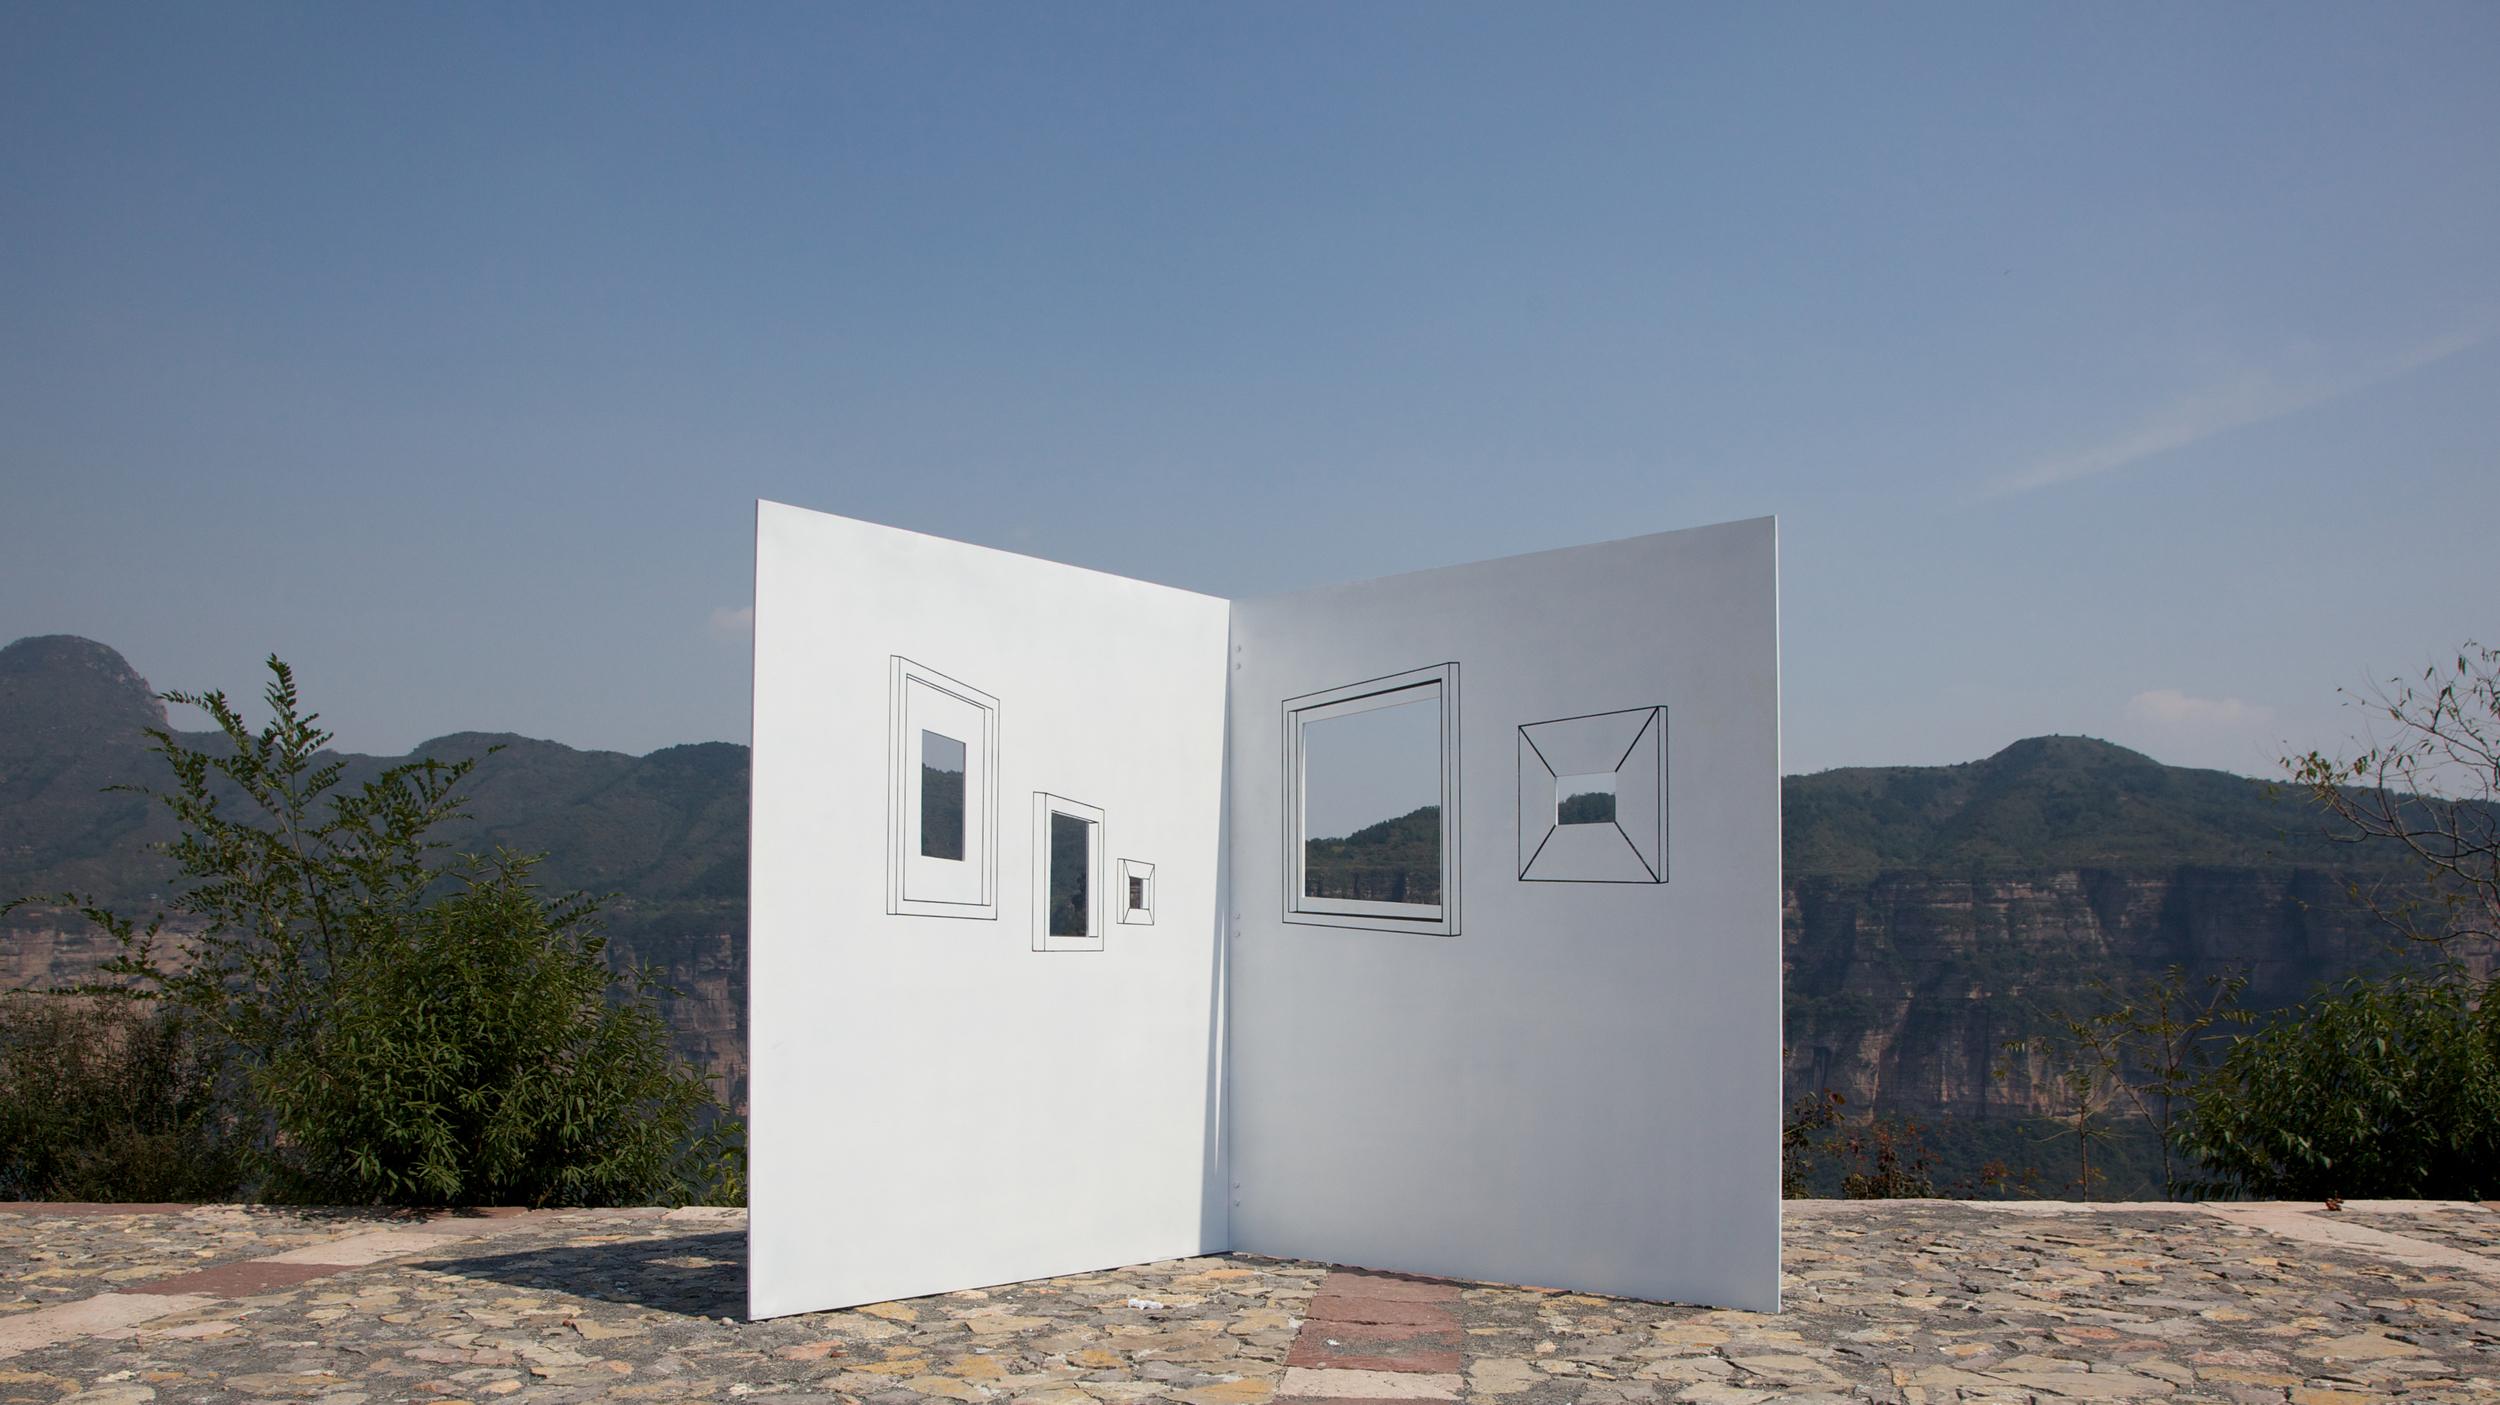 Ji Zhou 计洲, View on the Wall 墙上的风景, 2011, Installation view